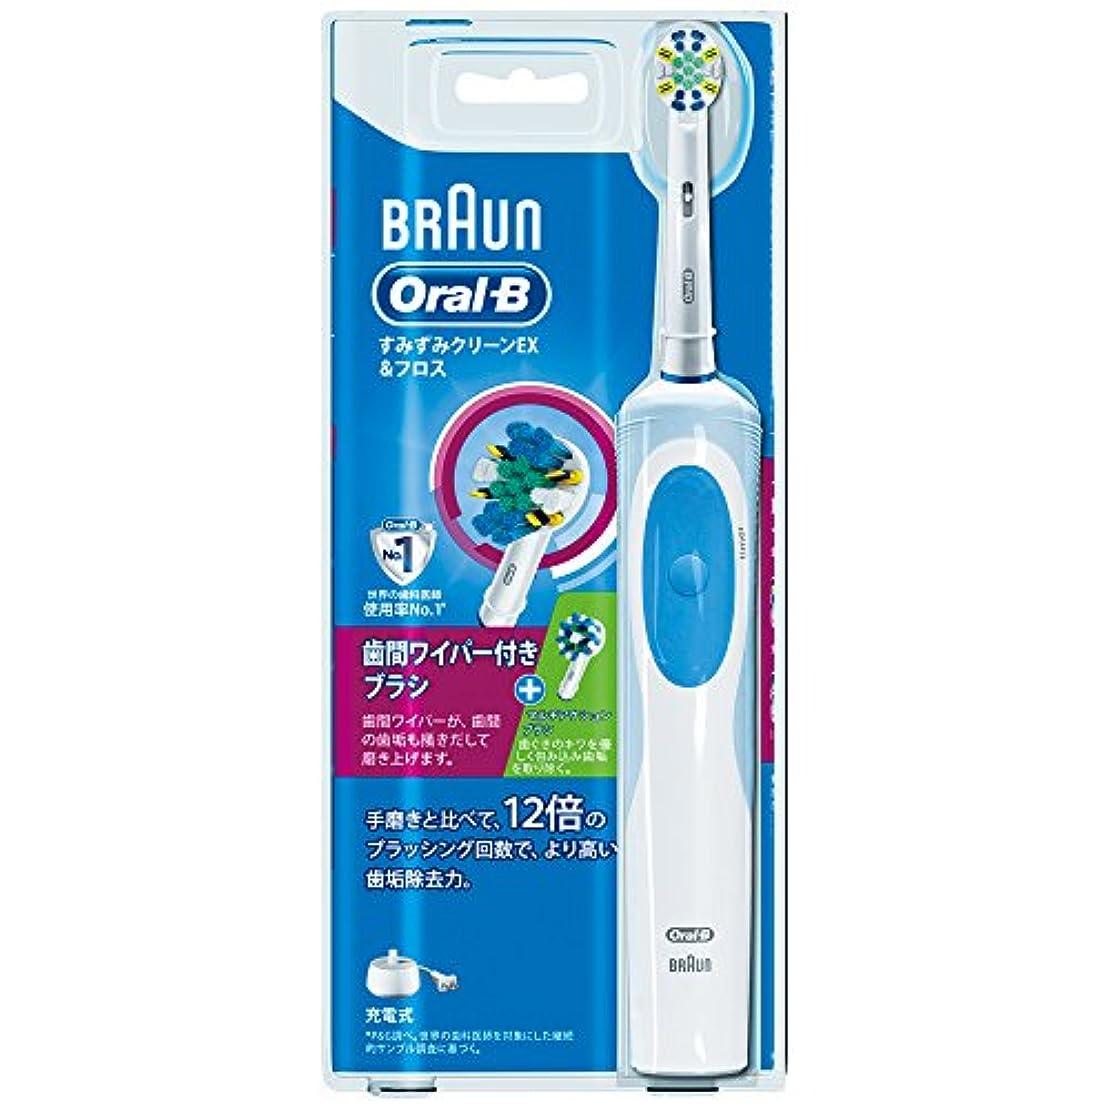 ゆるい高める事業内容ブラウン オーラルB 電動歯ブラシ すみずみクリーンEX&フロス (D12023AF)